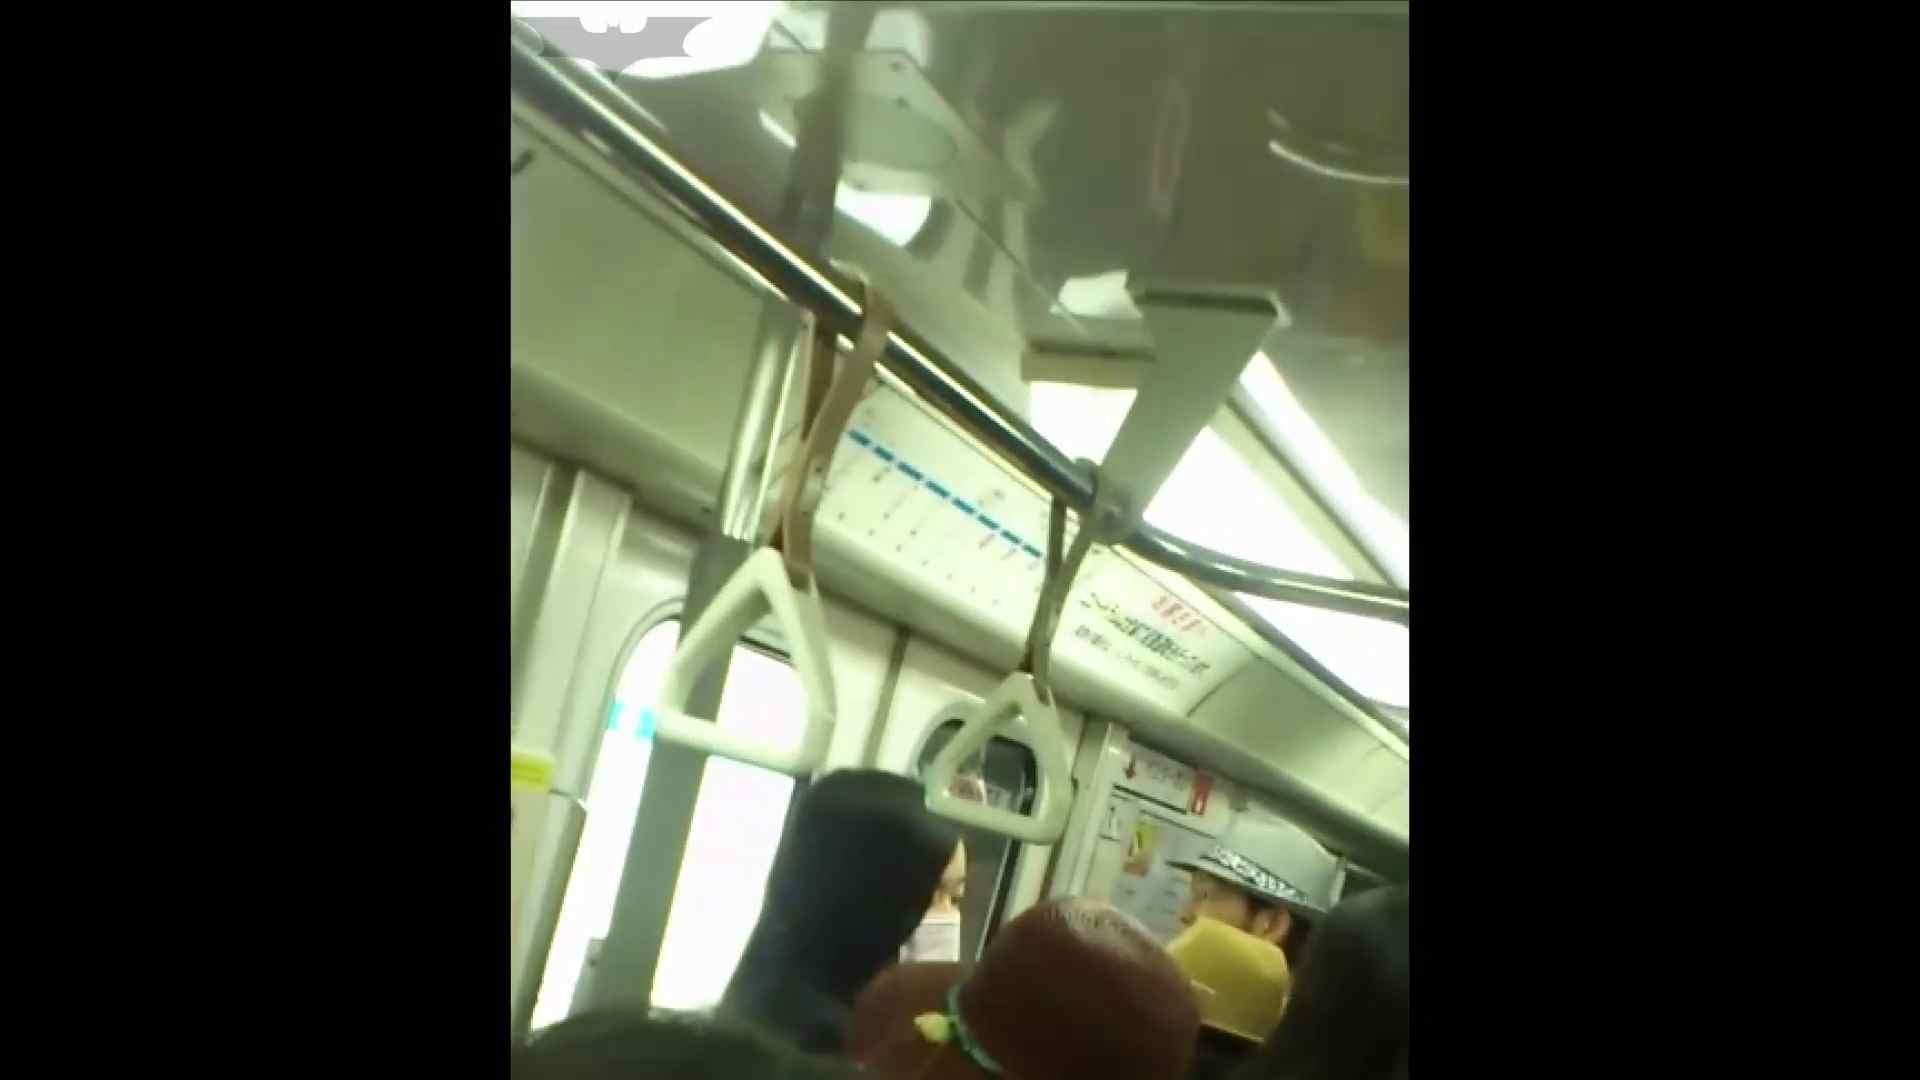 盗撮列車 Vol.14 お嬢様のバックプリントパンツ パンツ | 盗撮エロすぎ  99連発 14